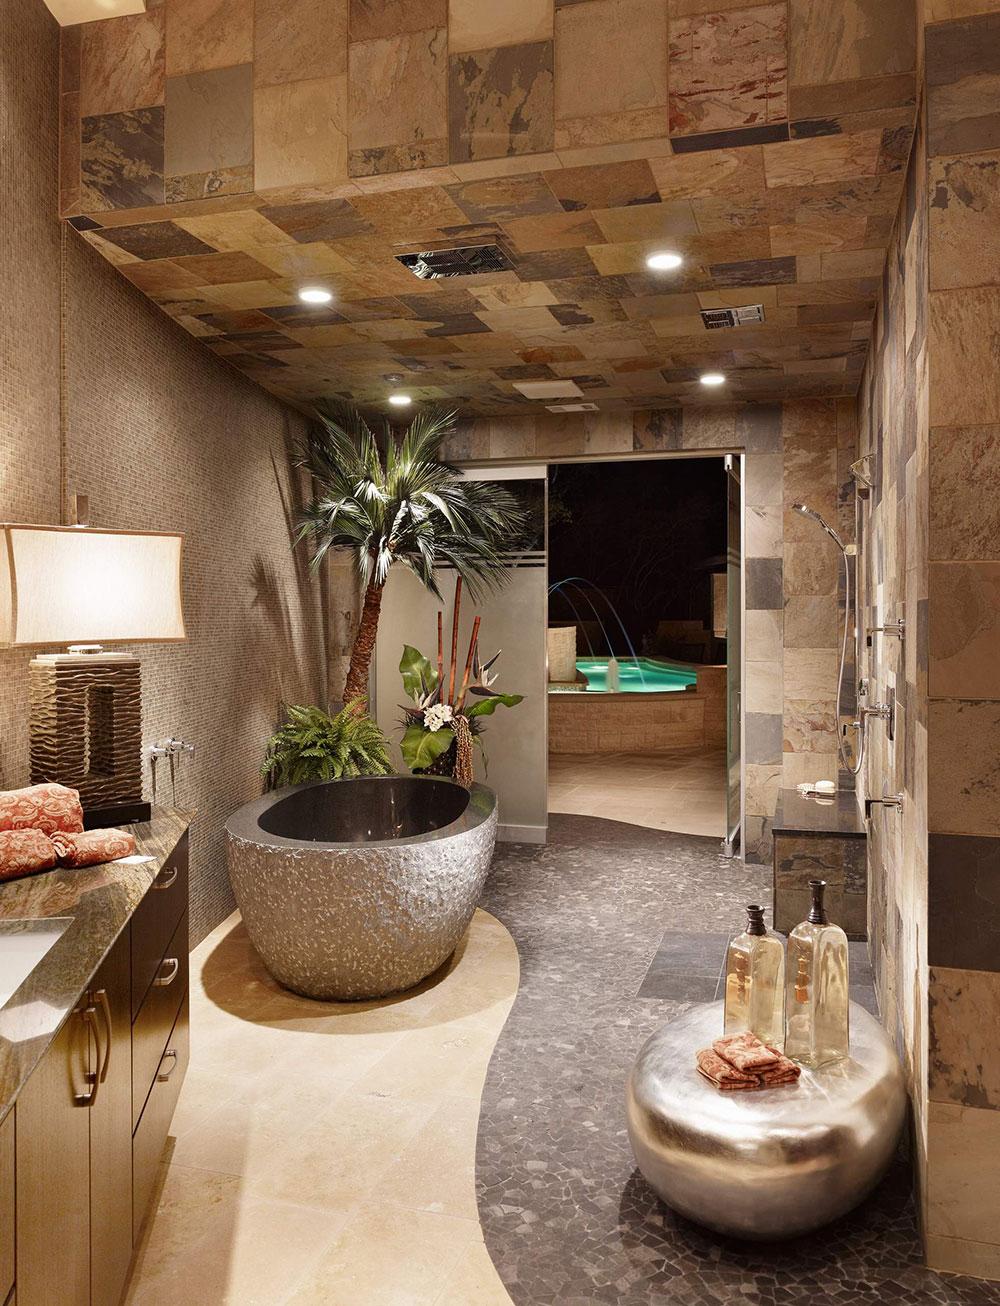 Tips-For-Spa-Bathroom-Design-Ideas6 Tips For A Spa Bathroom